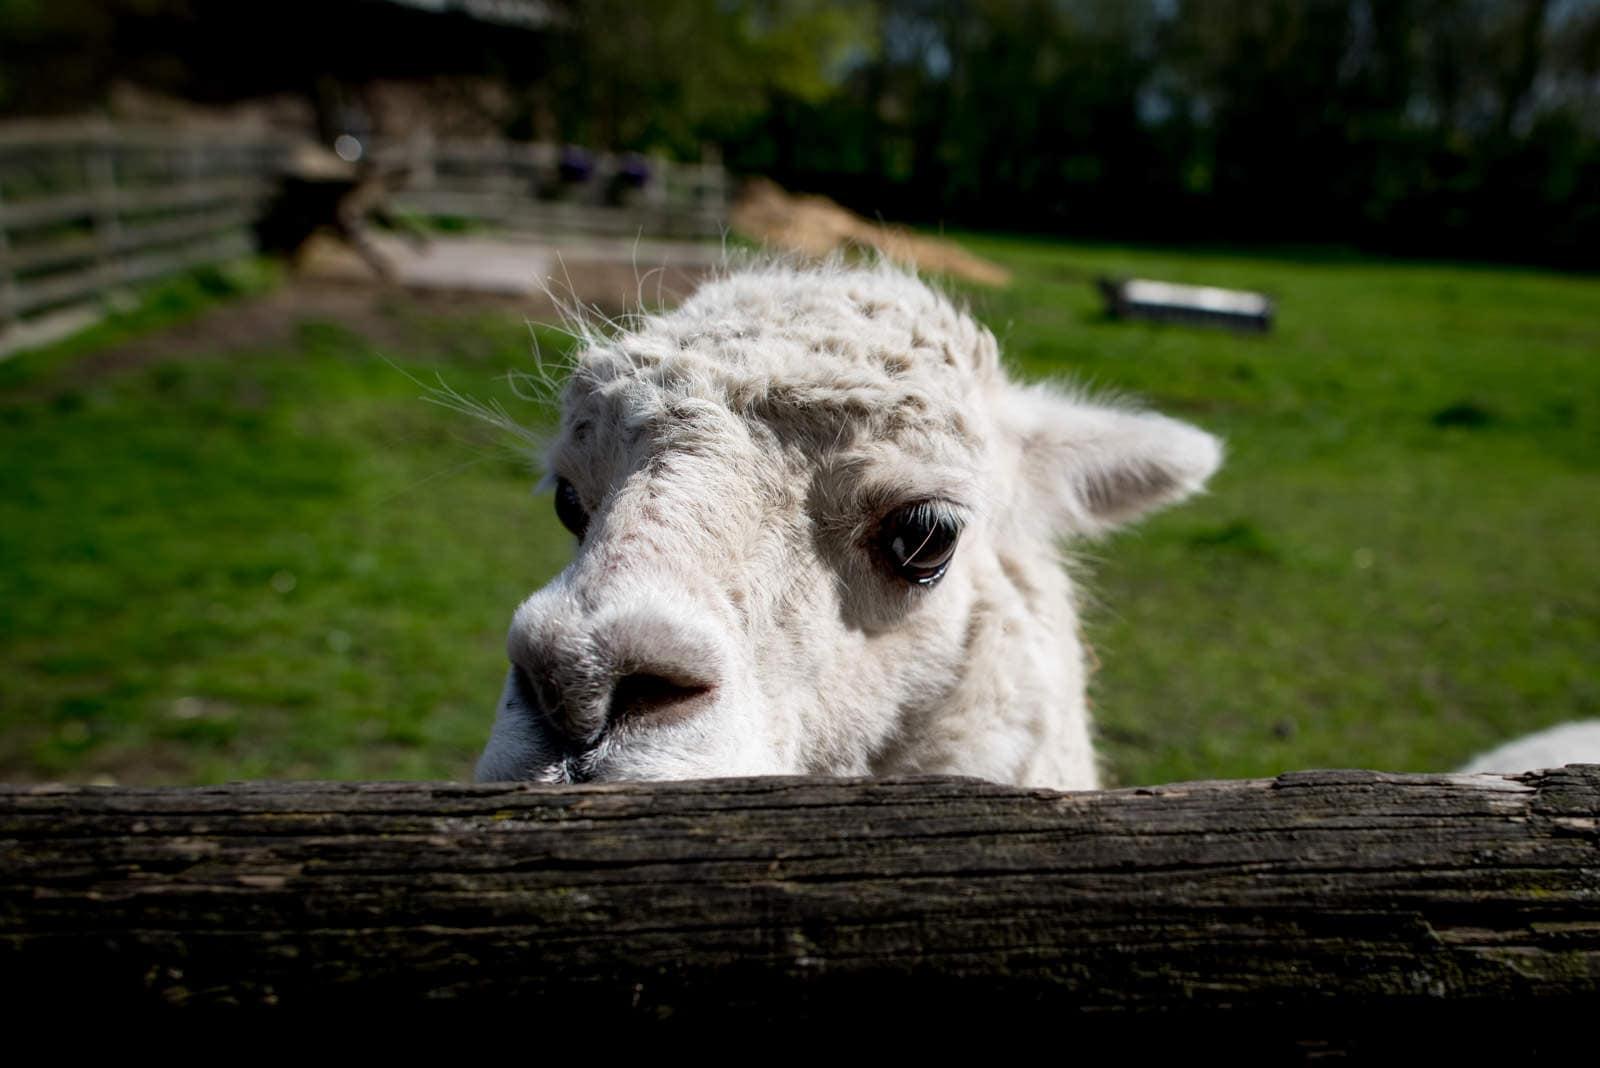 Llama at Mudchute Farm